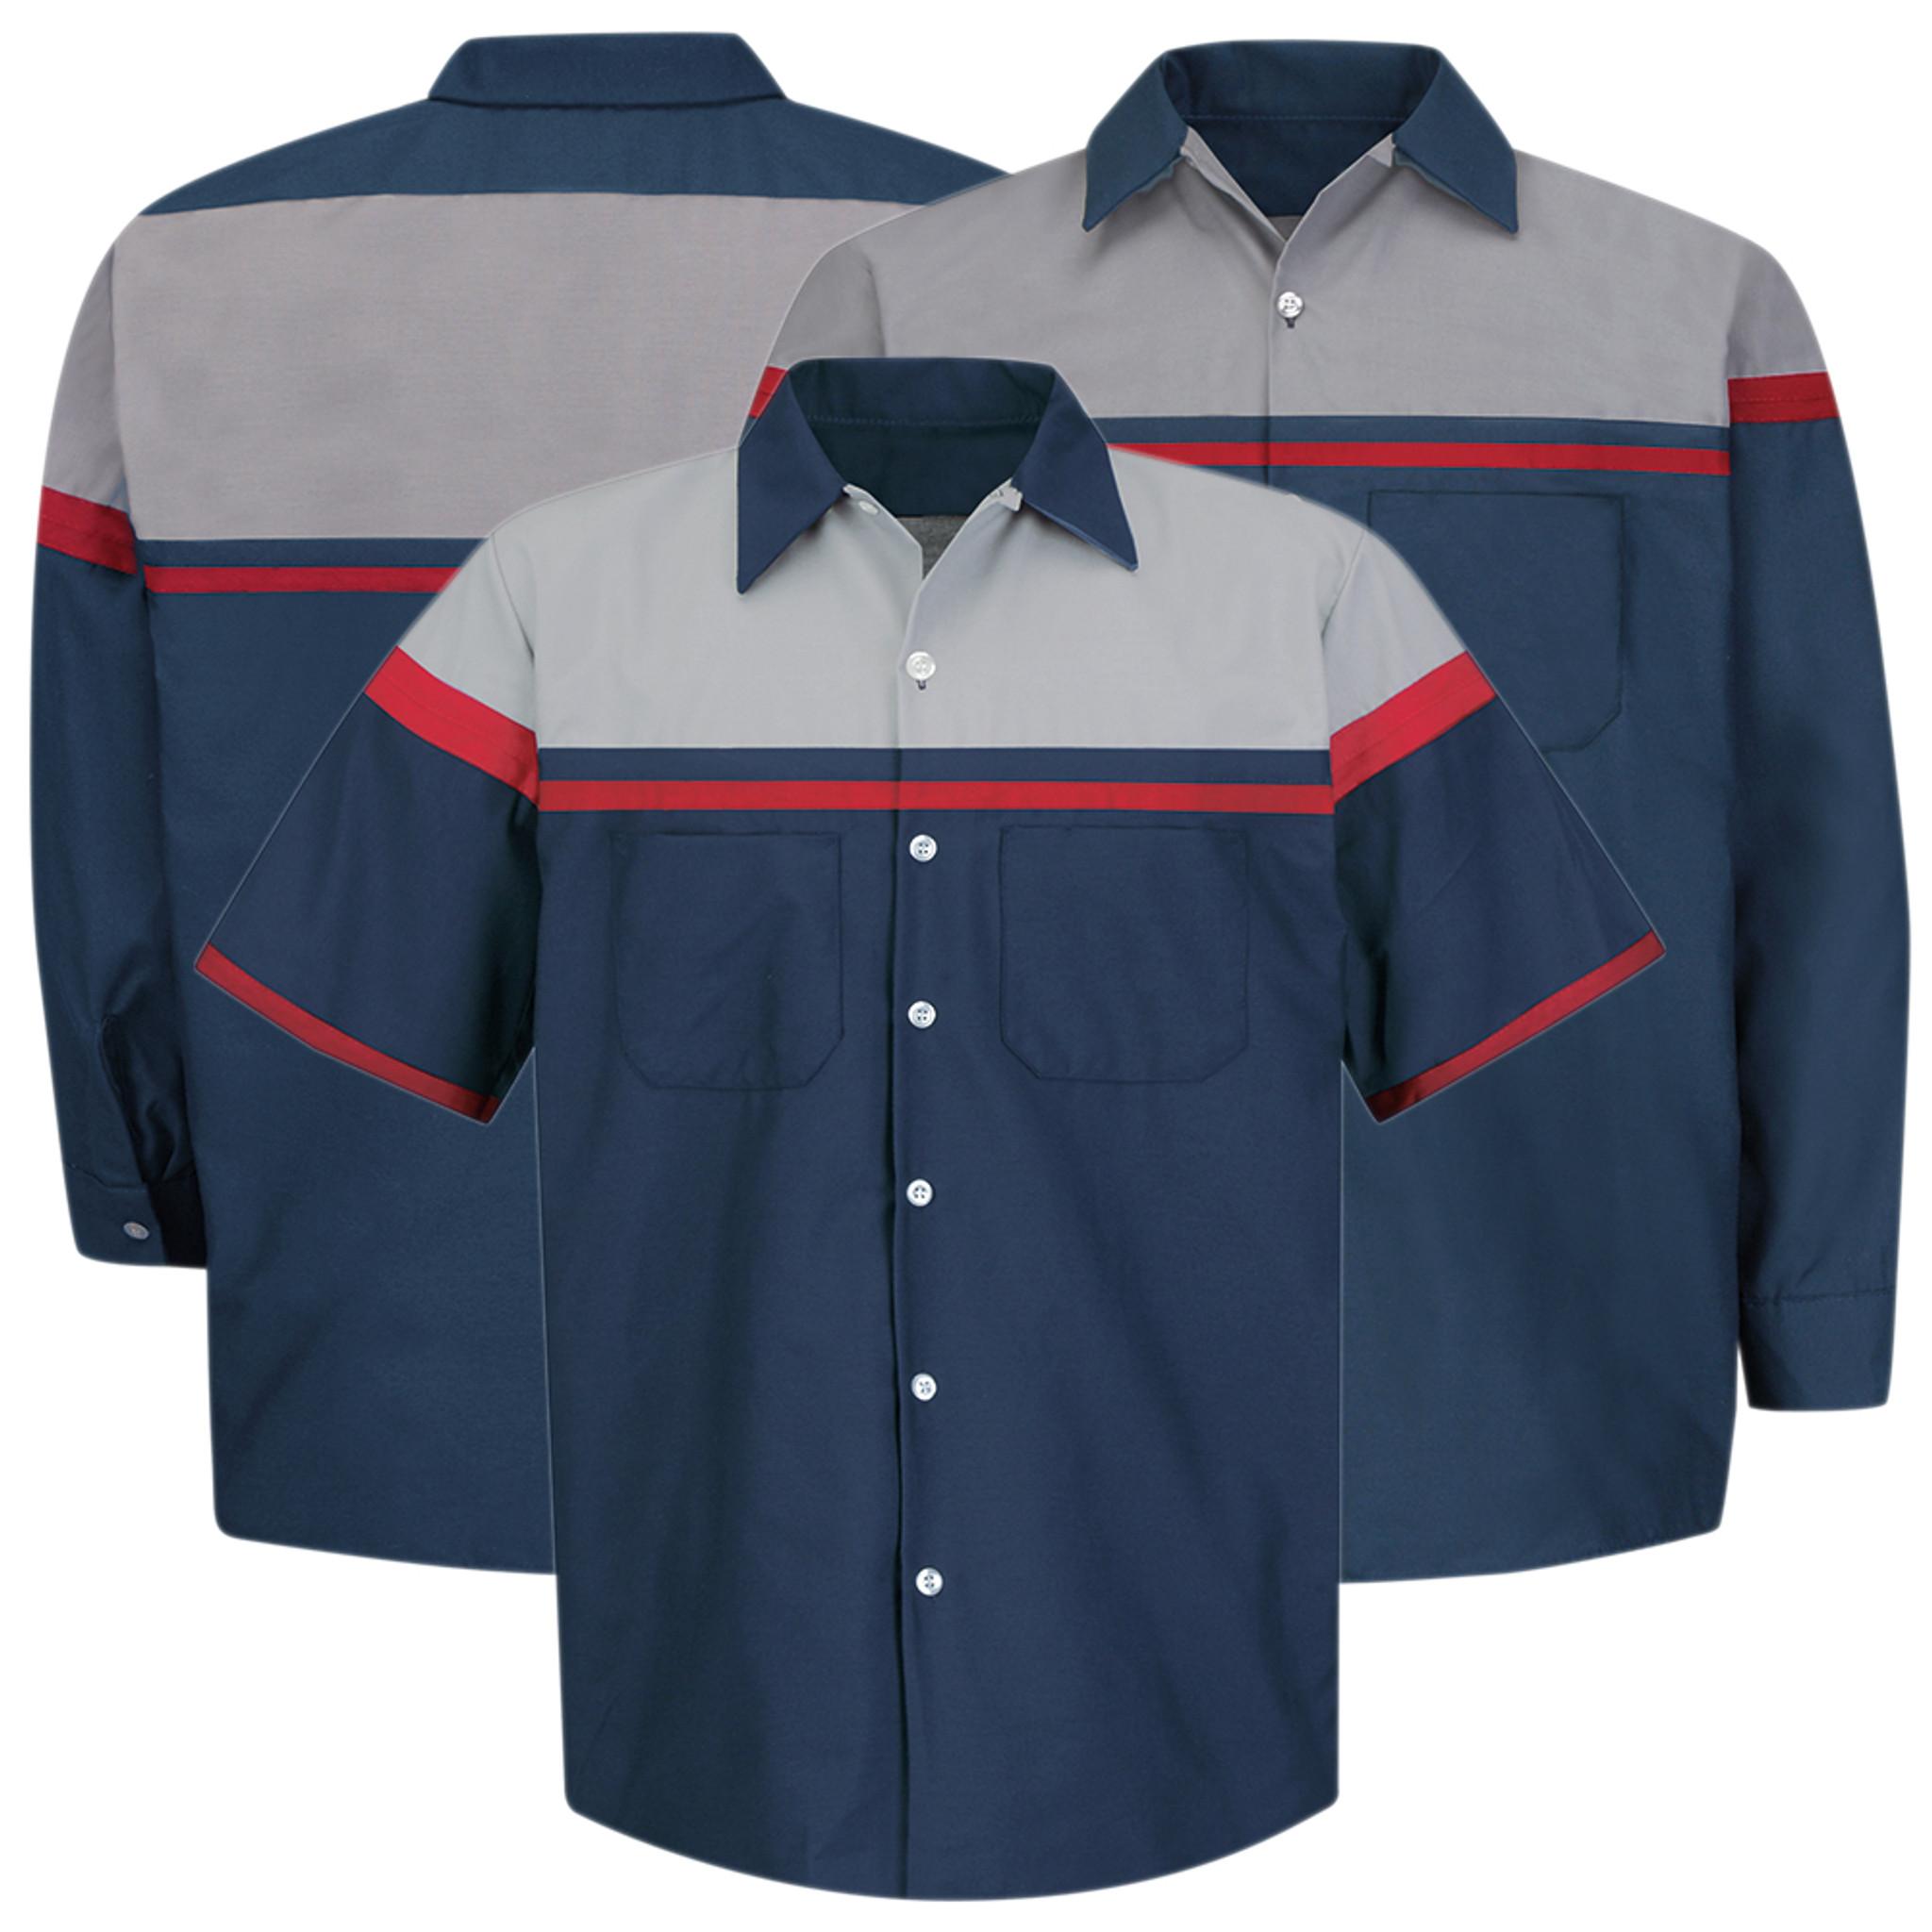 Technician Men S Shirts By Red Kap Free Shipping